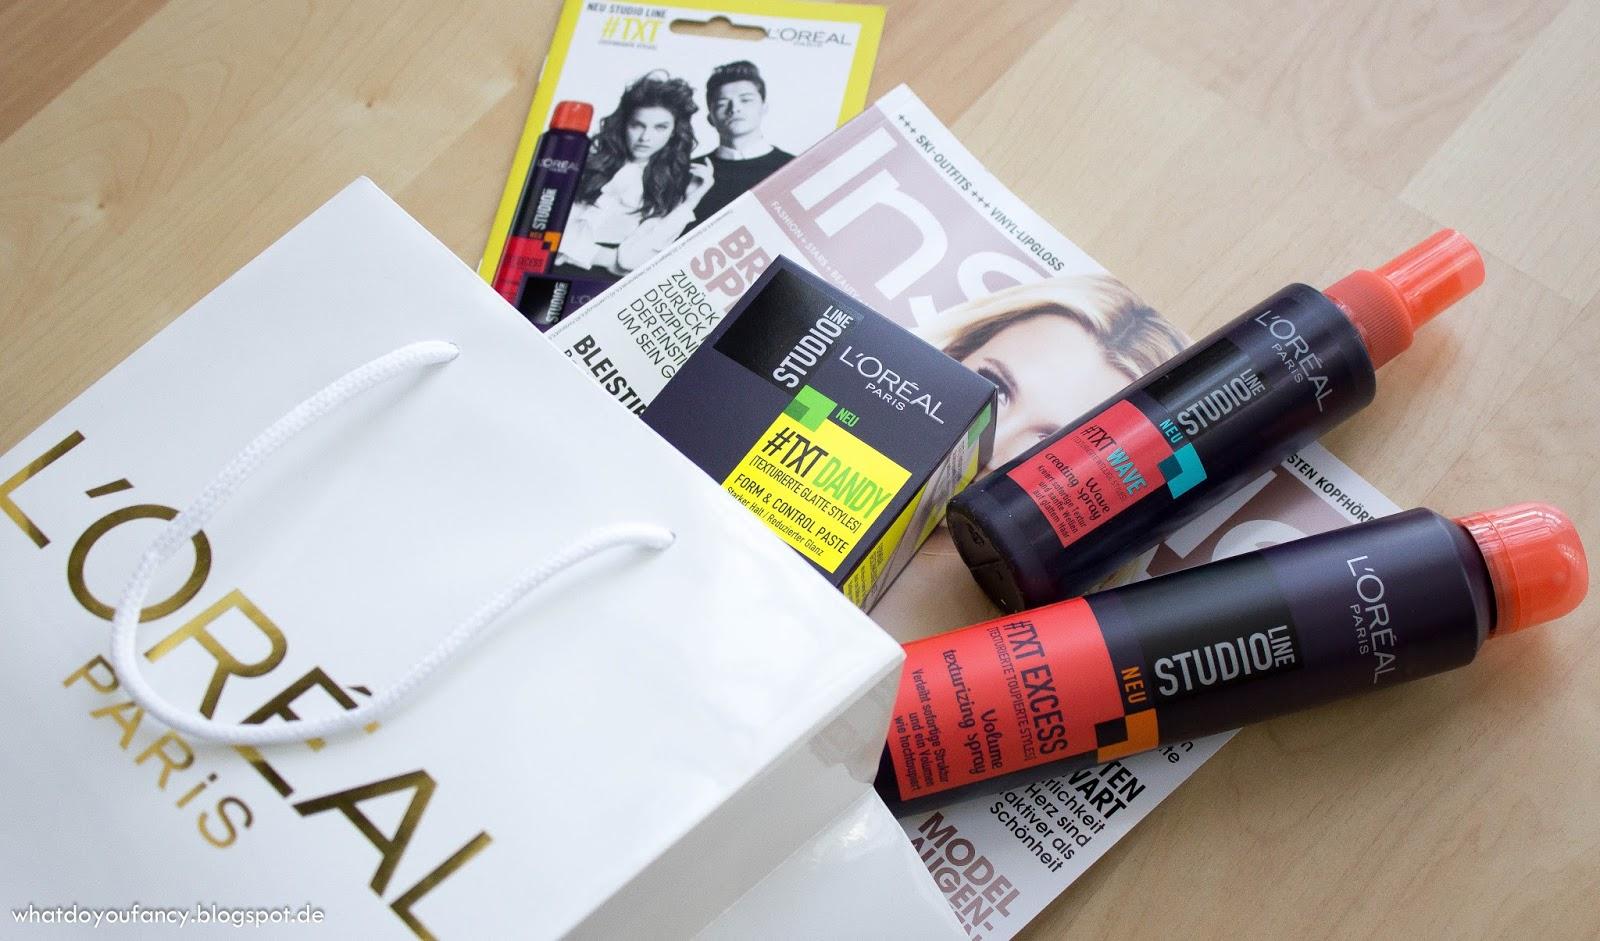 L'Oréal lud zum Launch der neuen Studio Line #TXT-Produkte + App #TXTMYSTYLE ein_Goodies